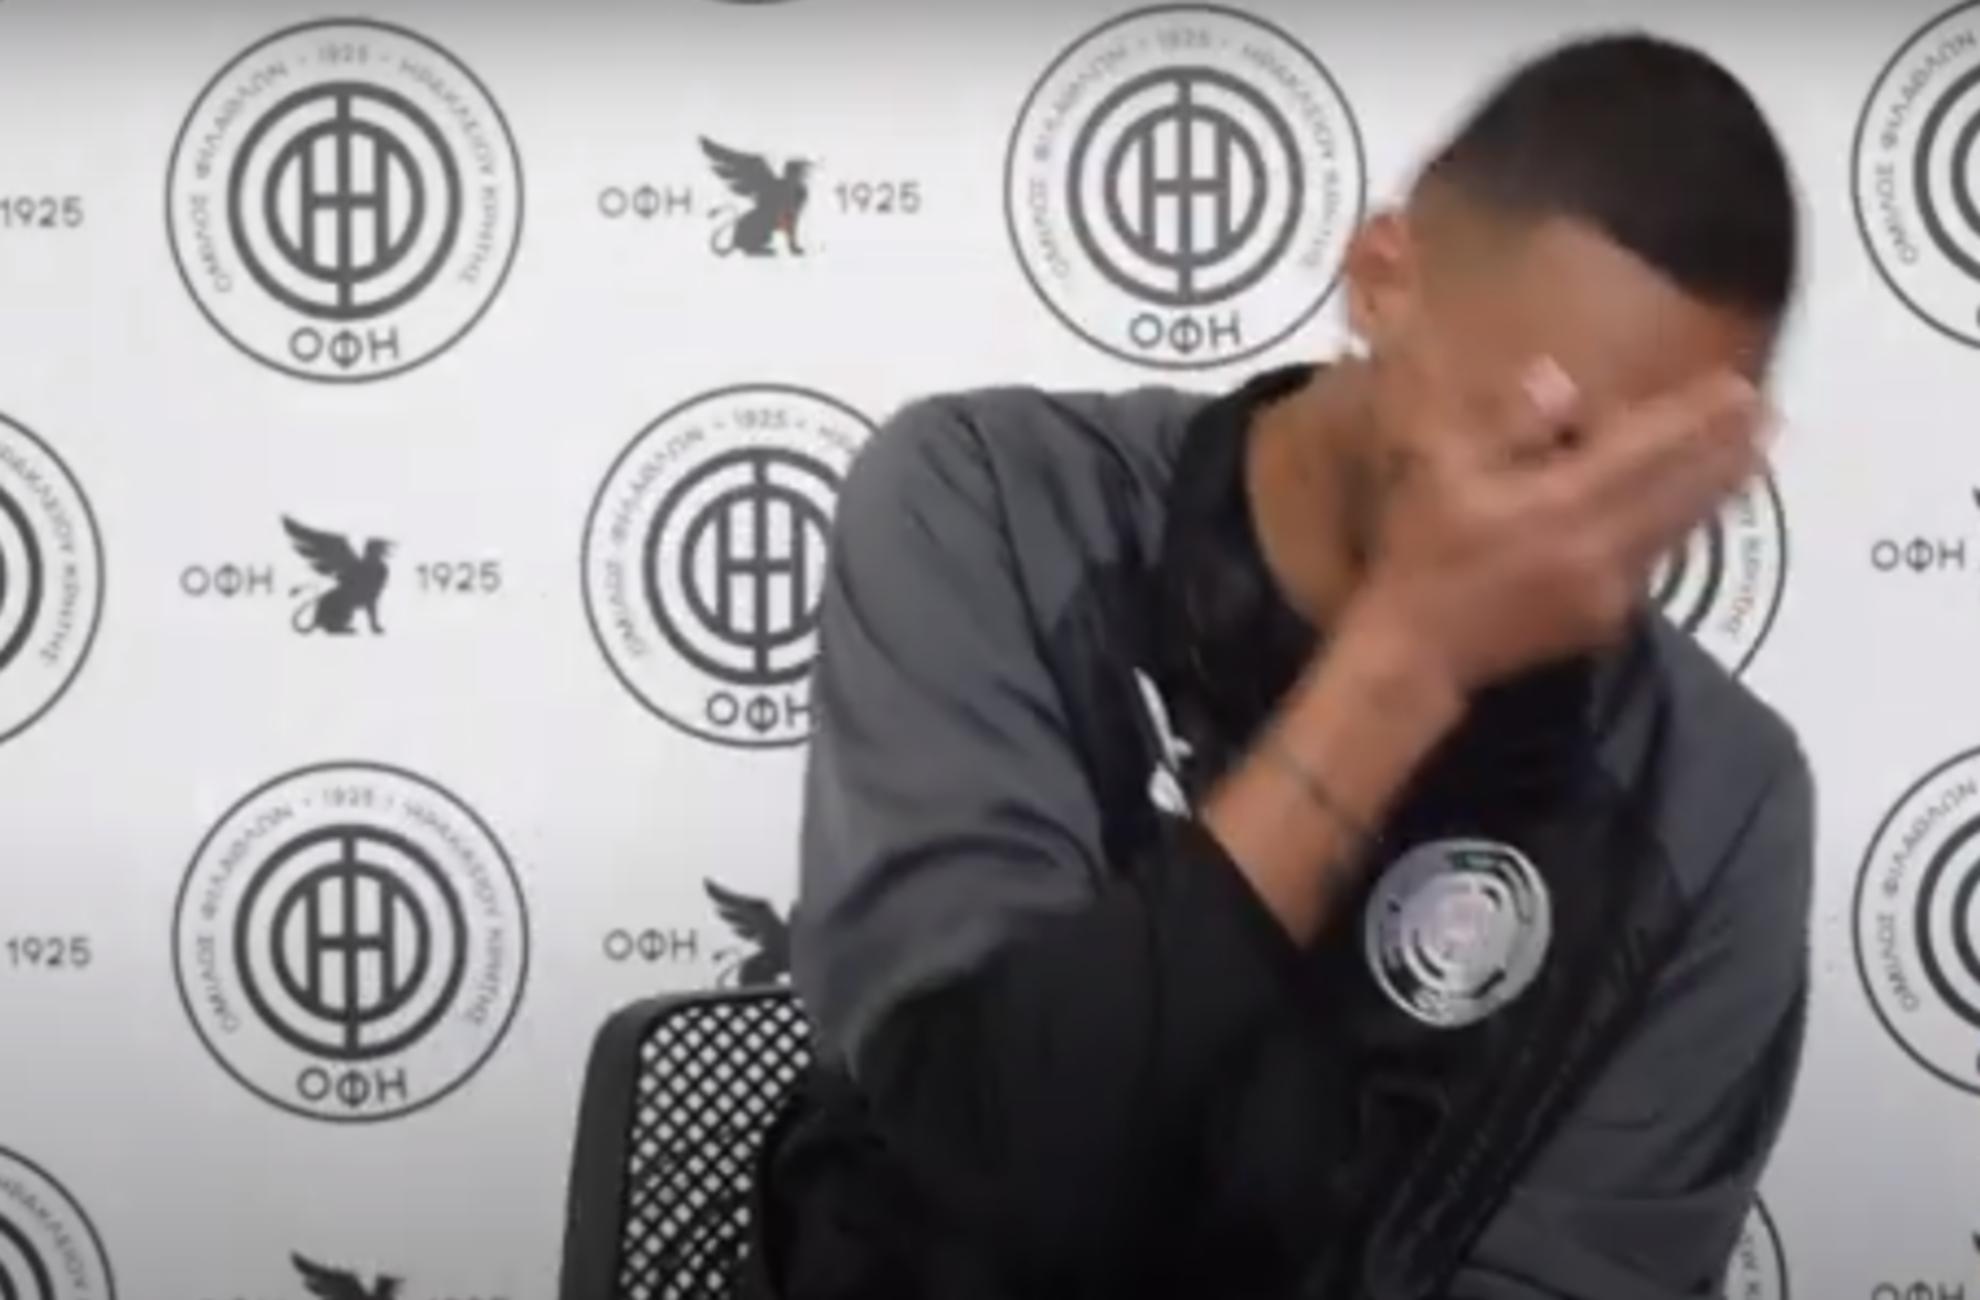 Κλάμα με video της Superleague: Ξένοι παίκτες προσπαθούν να πουν ελληνικό γλωσσοδέτη